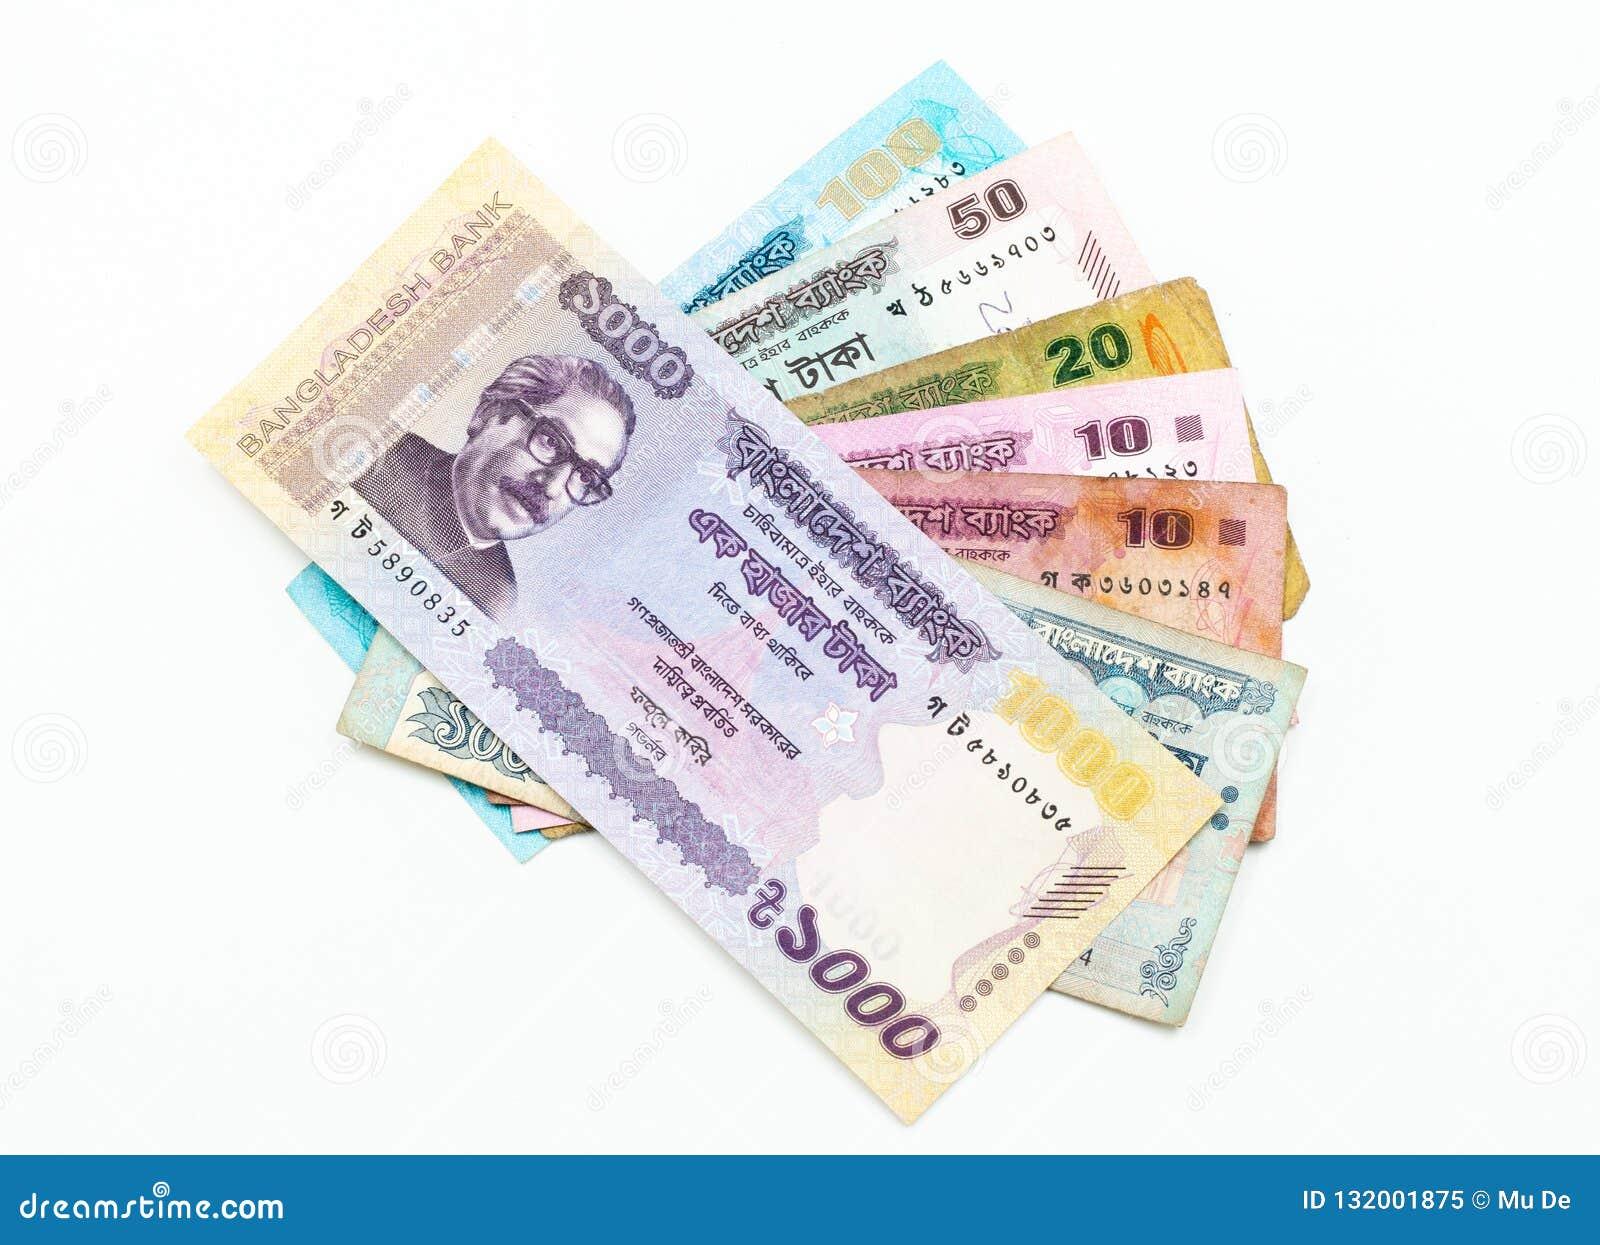 Taka stock image. Image of white, bangladeshi, cash - 132001875